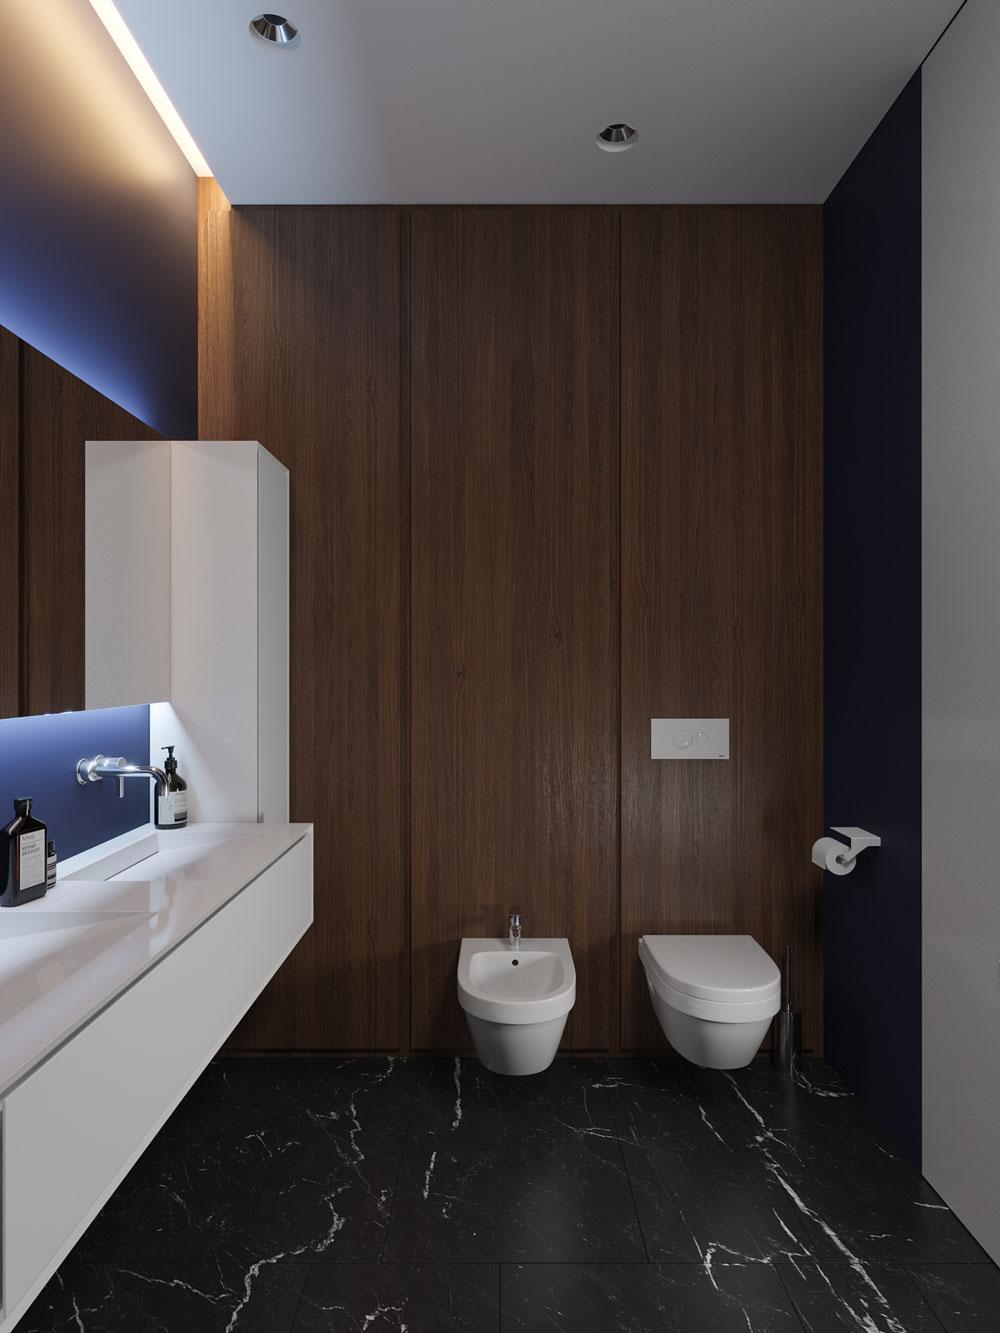 thiết kế nội thất chung cư cao cấp ảnh 1